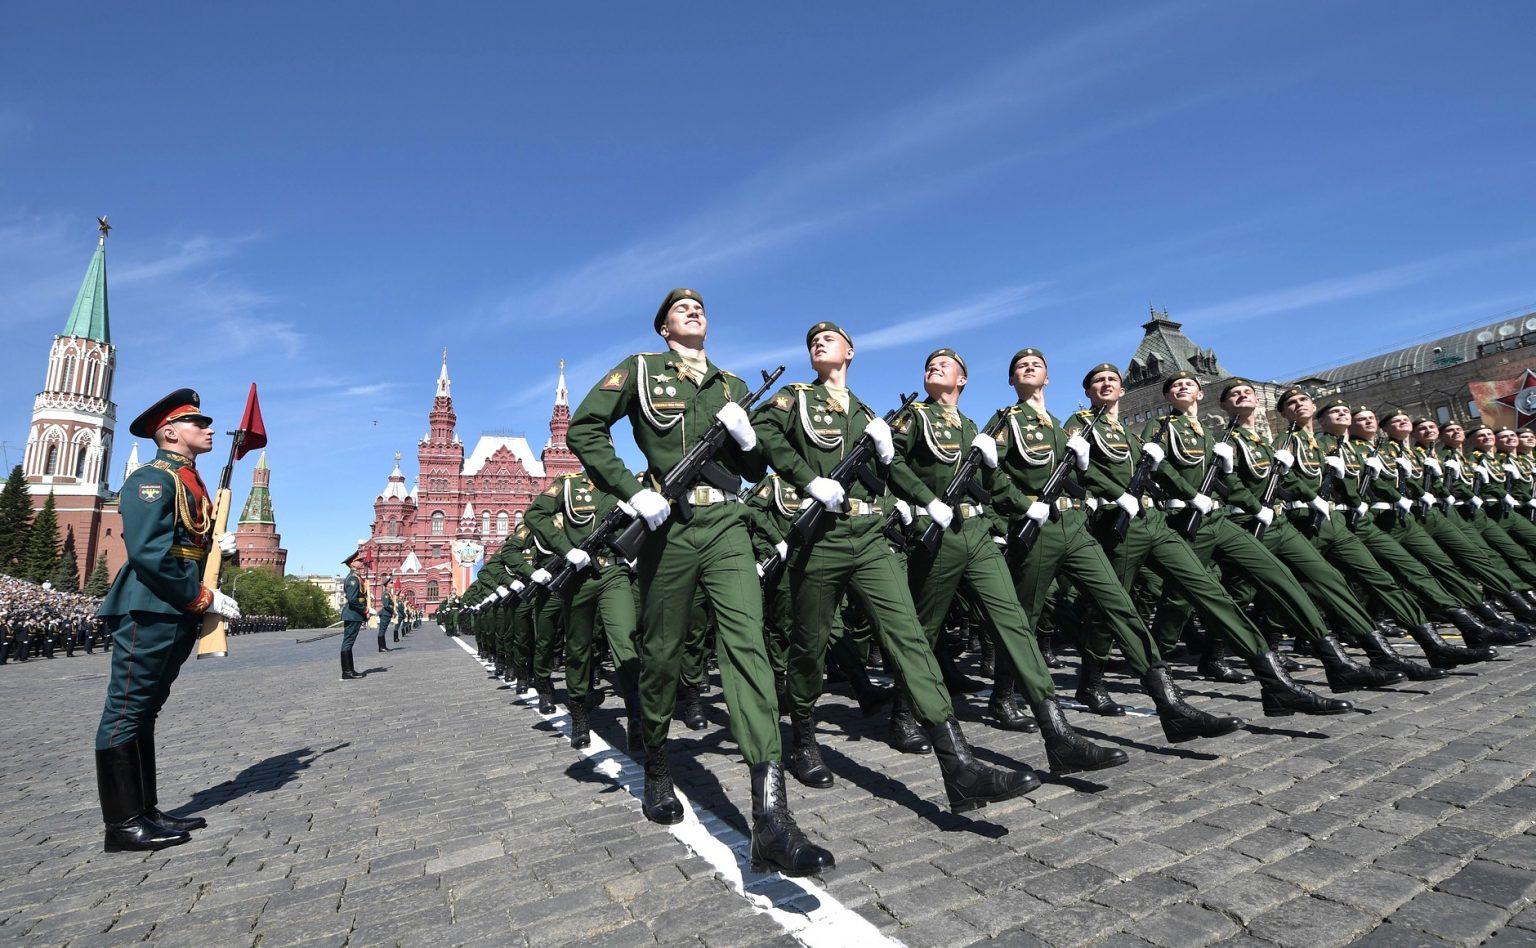 Песков сообщил, что парад Победы на Красной площади пройдет в обычном формате